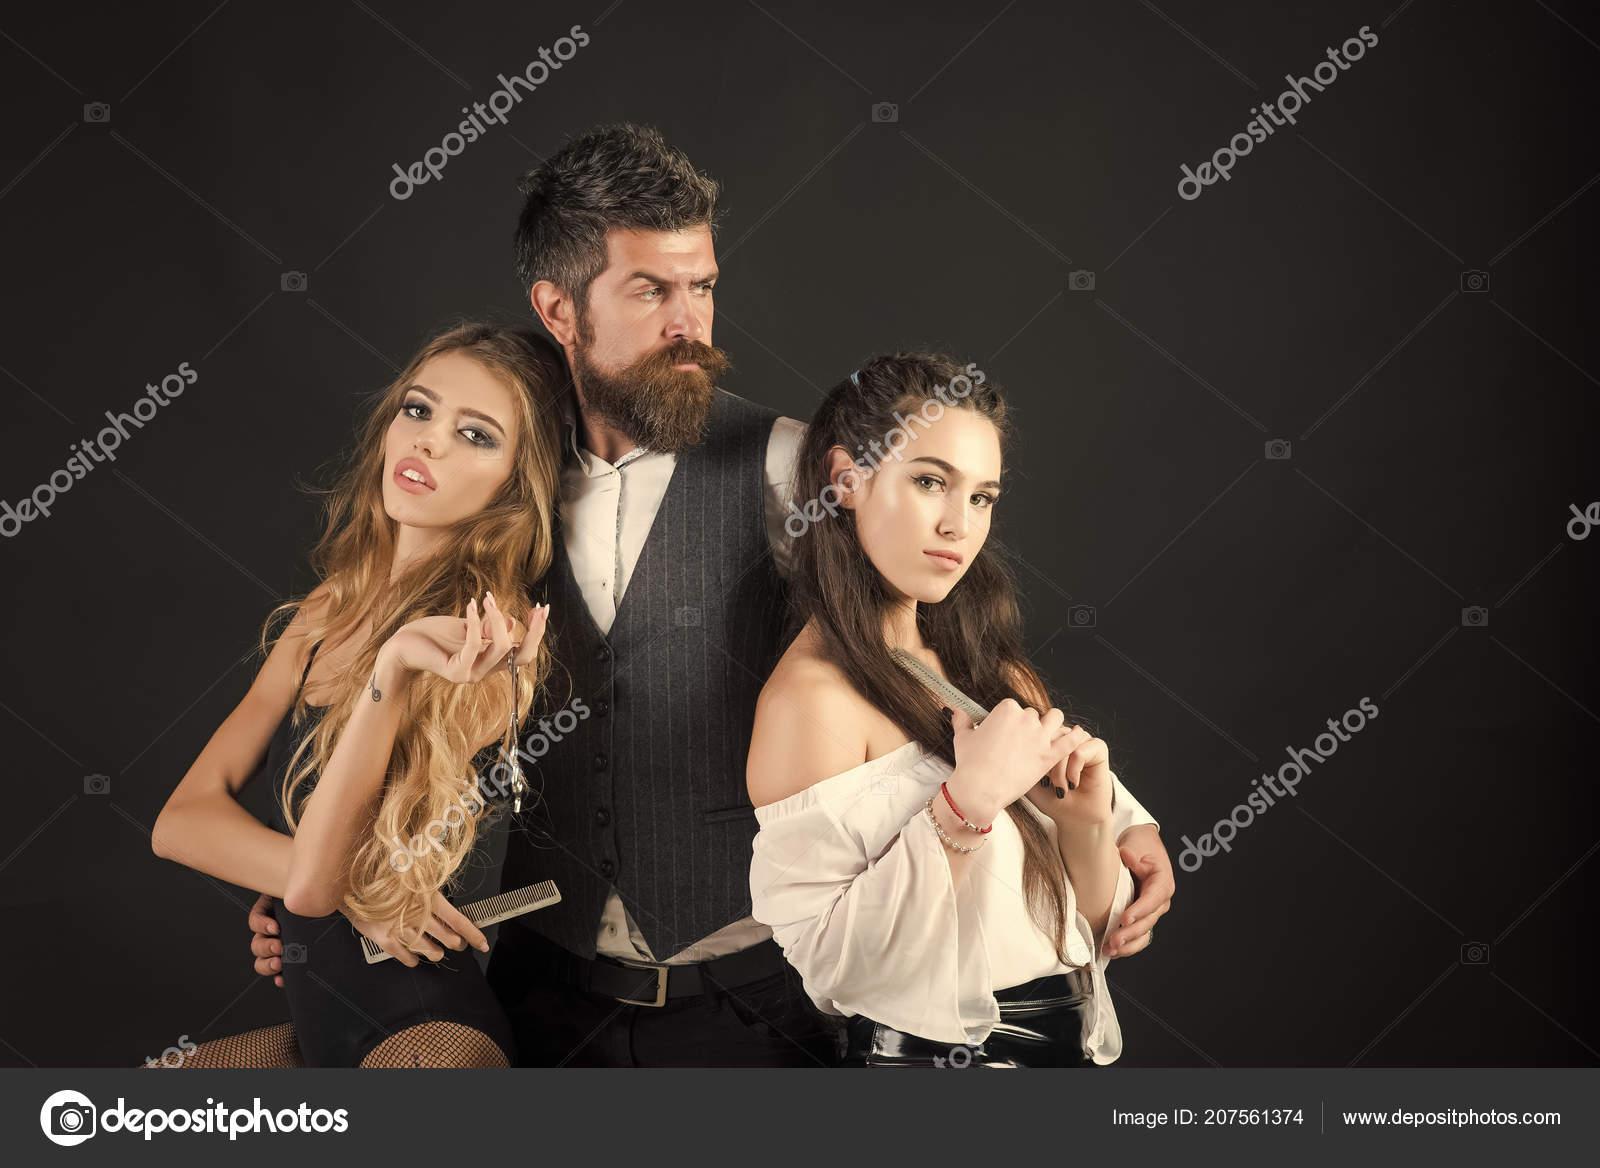 λεσβίες σεξ σχέδια